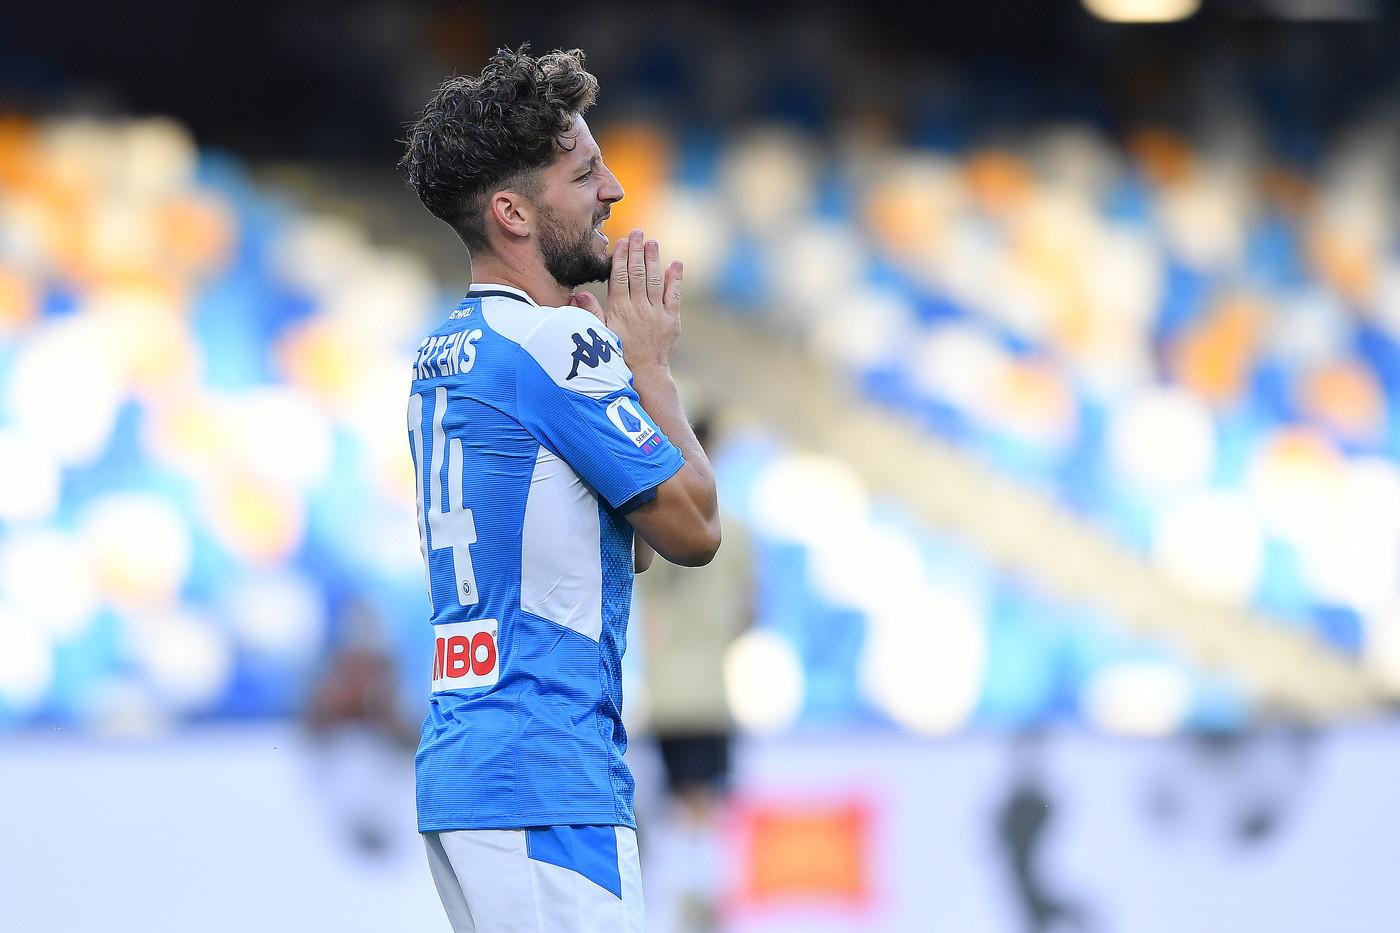 La squadra di Gattuso vince al San Paolo.